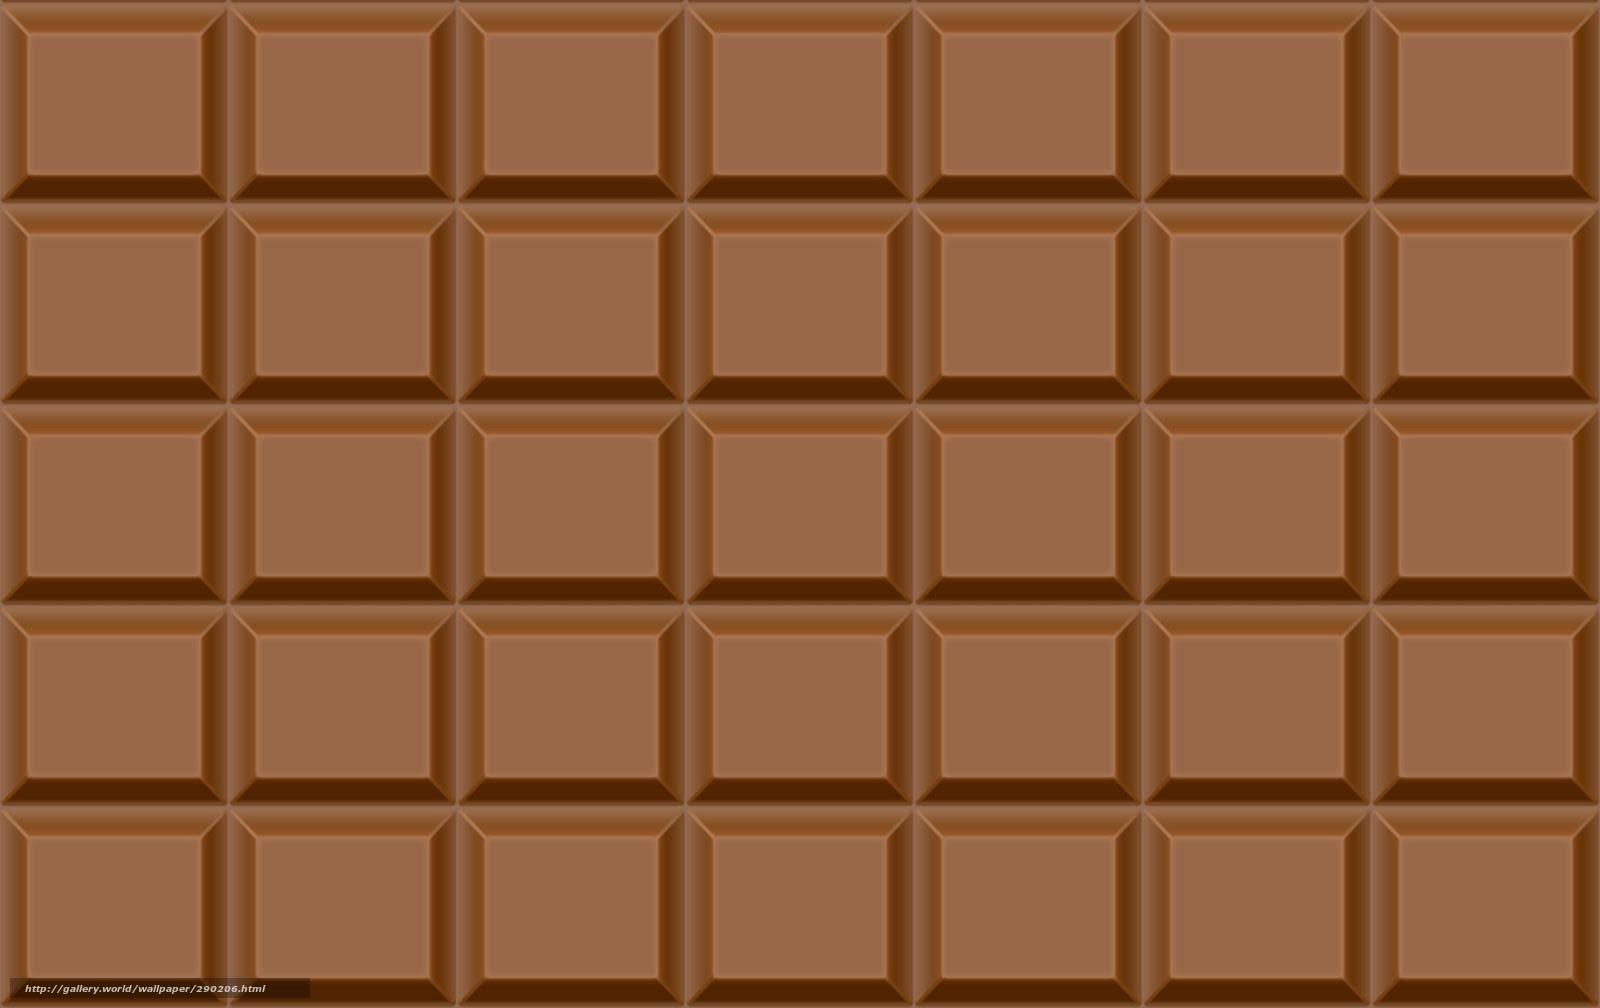 壁紙をダウンロード 背景 タイル チョコレート デスクトップの解像度